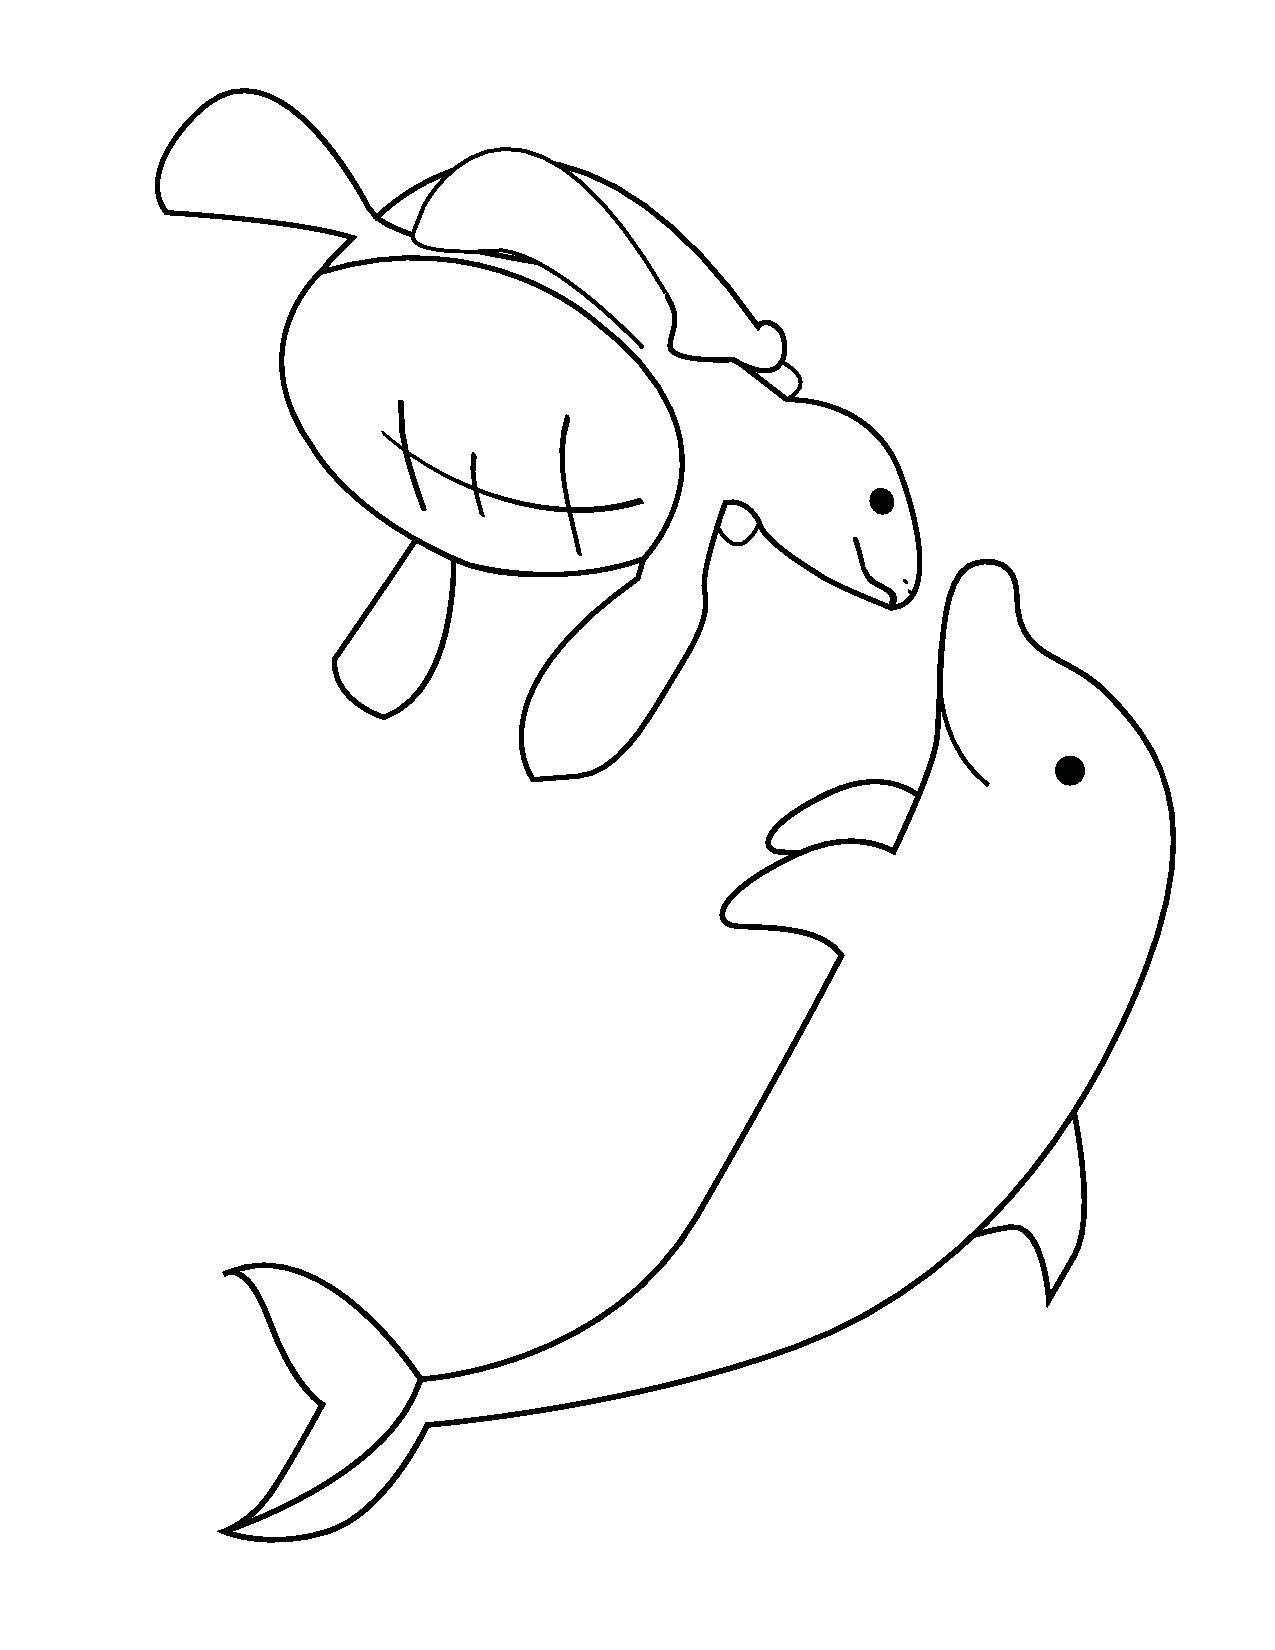 Bu Sayfamızda Okyanus Hayvanları çalışmaları Yer Almaktadır